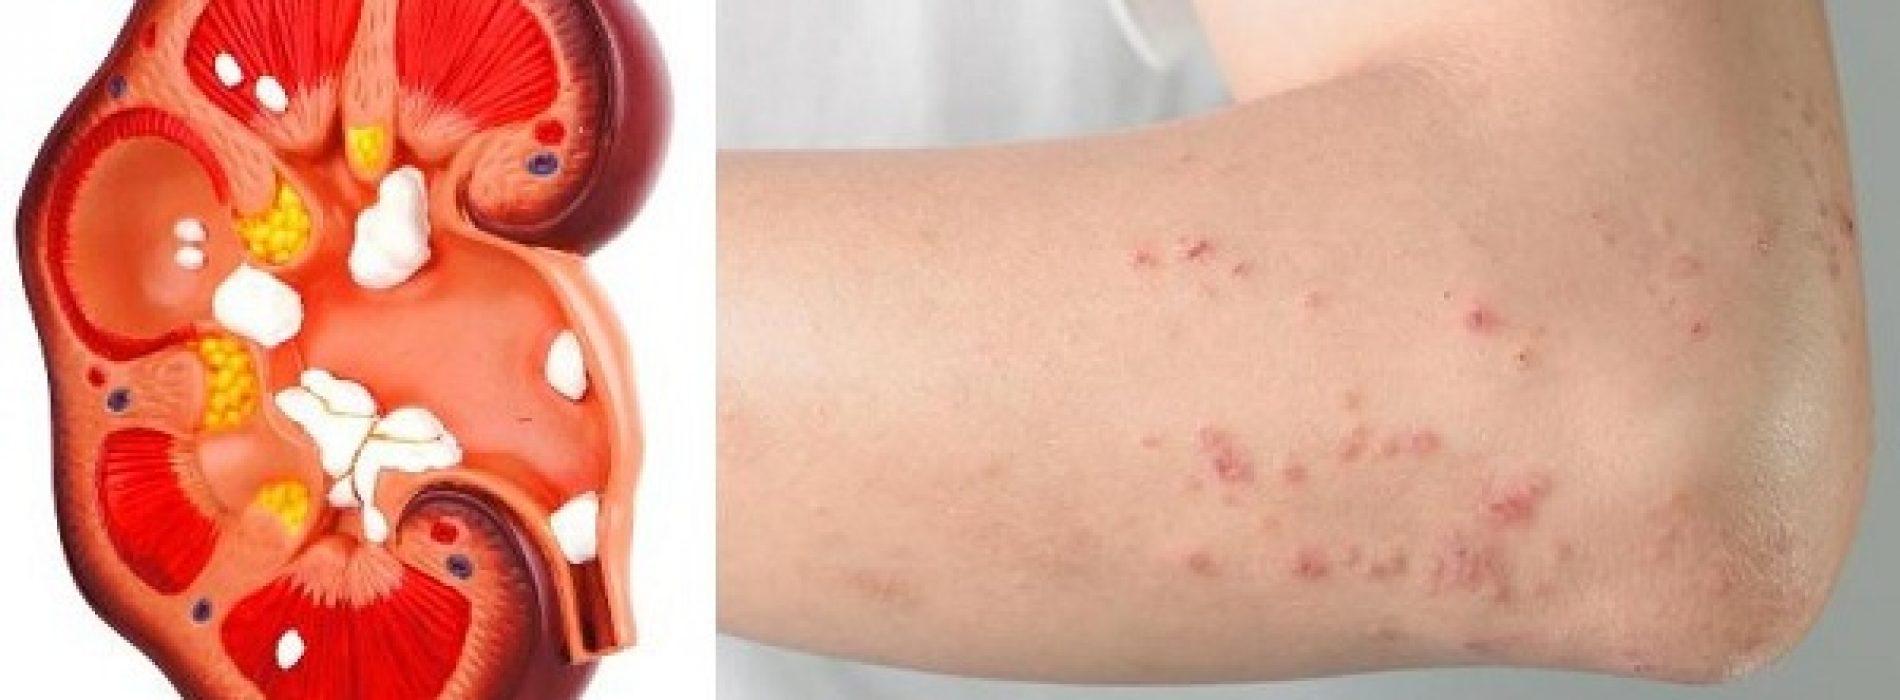 Als de nieren in gevaar zijn, zal het lichaam deze signalen afgeven!